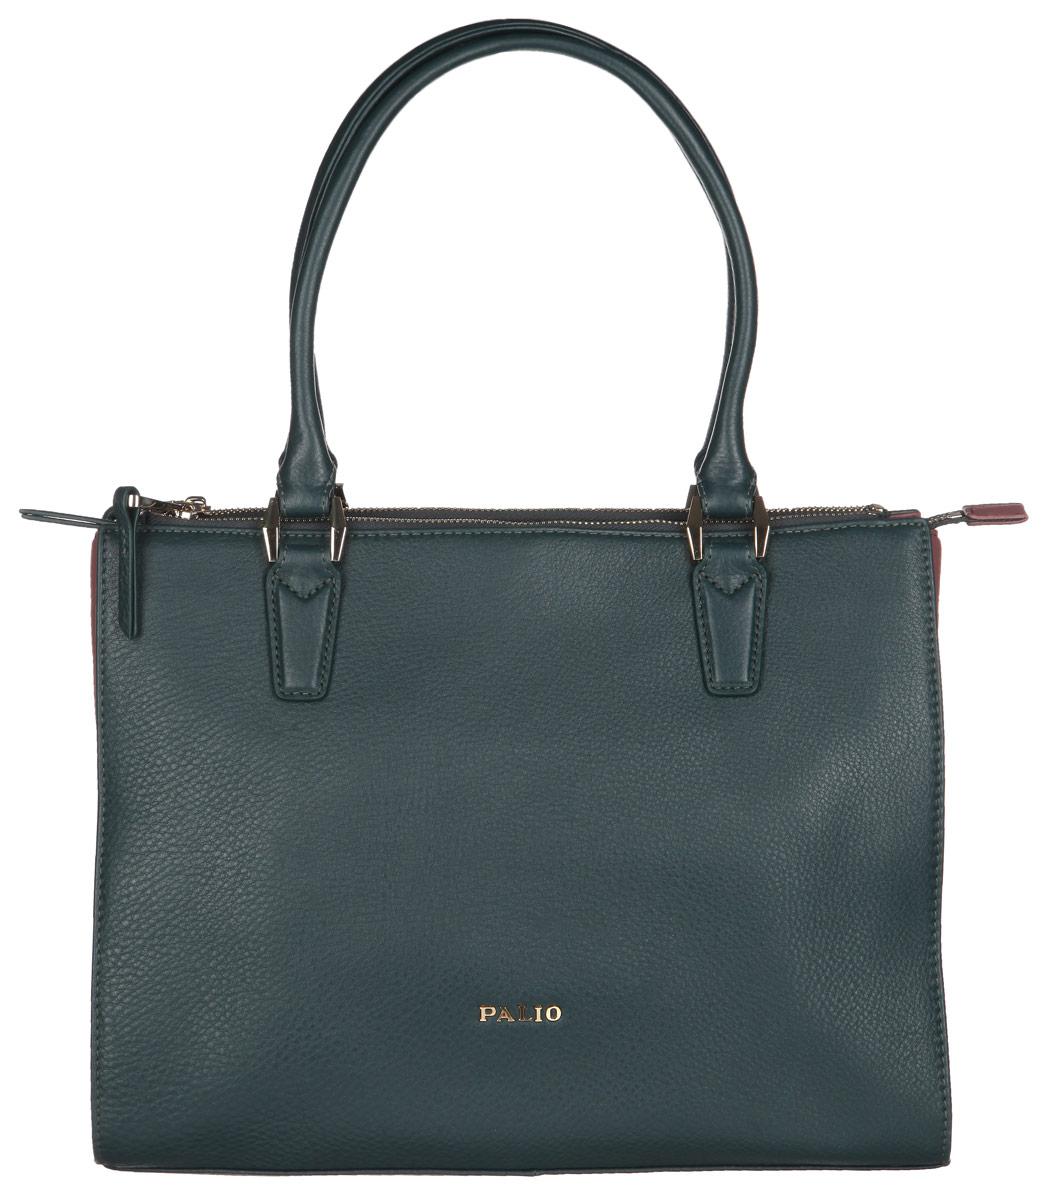 Сумка женская Palio, цвет: темно-зеленый, лиловый. 14132A-W24106черныеСтильная женская сумка Palio выполнена из натуральной кожи с фактурным тиснением. Изделие имеет одно основное отделение, закрывающееся на застежку-молнию. Внутри находится прорезной карман на застежке-молнии и два открытых накладных кармашка. Снаружи, на передней стенке расположен накладной карман на застежке-молнии, на задней стенке - накладной карман на застежке-молнии с прорезным карманом на застежке-молнии. Сумка оснащена двумя удобными ручками. Основание изделия защищено от повреждений металлическими ножками. Изделие упаковано в фирменный чехол.Дизайн сумки позволит вам подчеркнуть свою индивидуальность, и сделает ваш образ изысканным и завершенным.